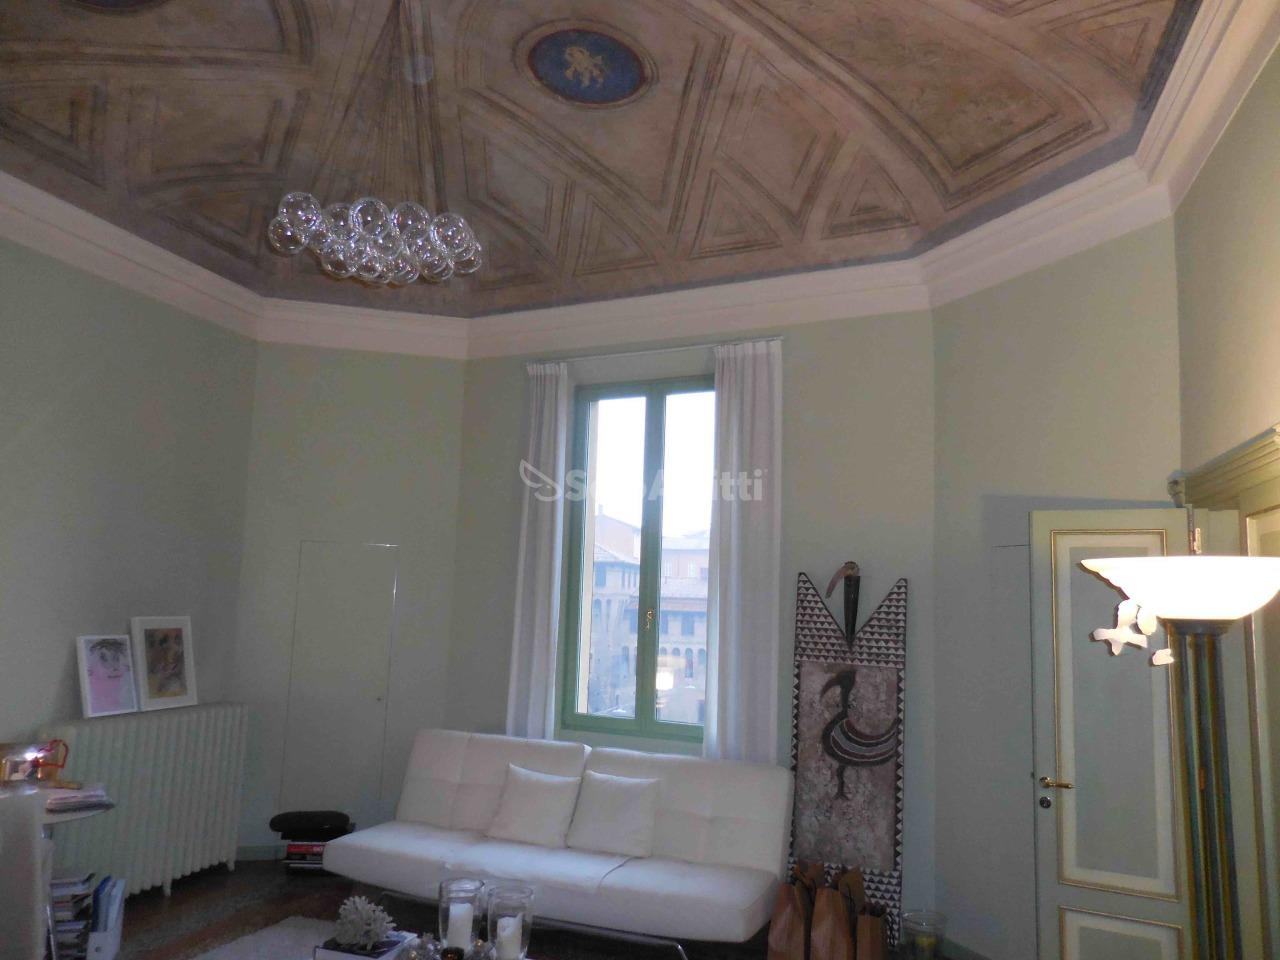 Appartamenti e Attici BOLOGNA affitto  Centro Storico  PI.CO. sas di Colli G. & C.